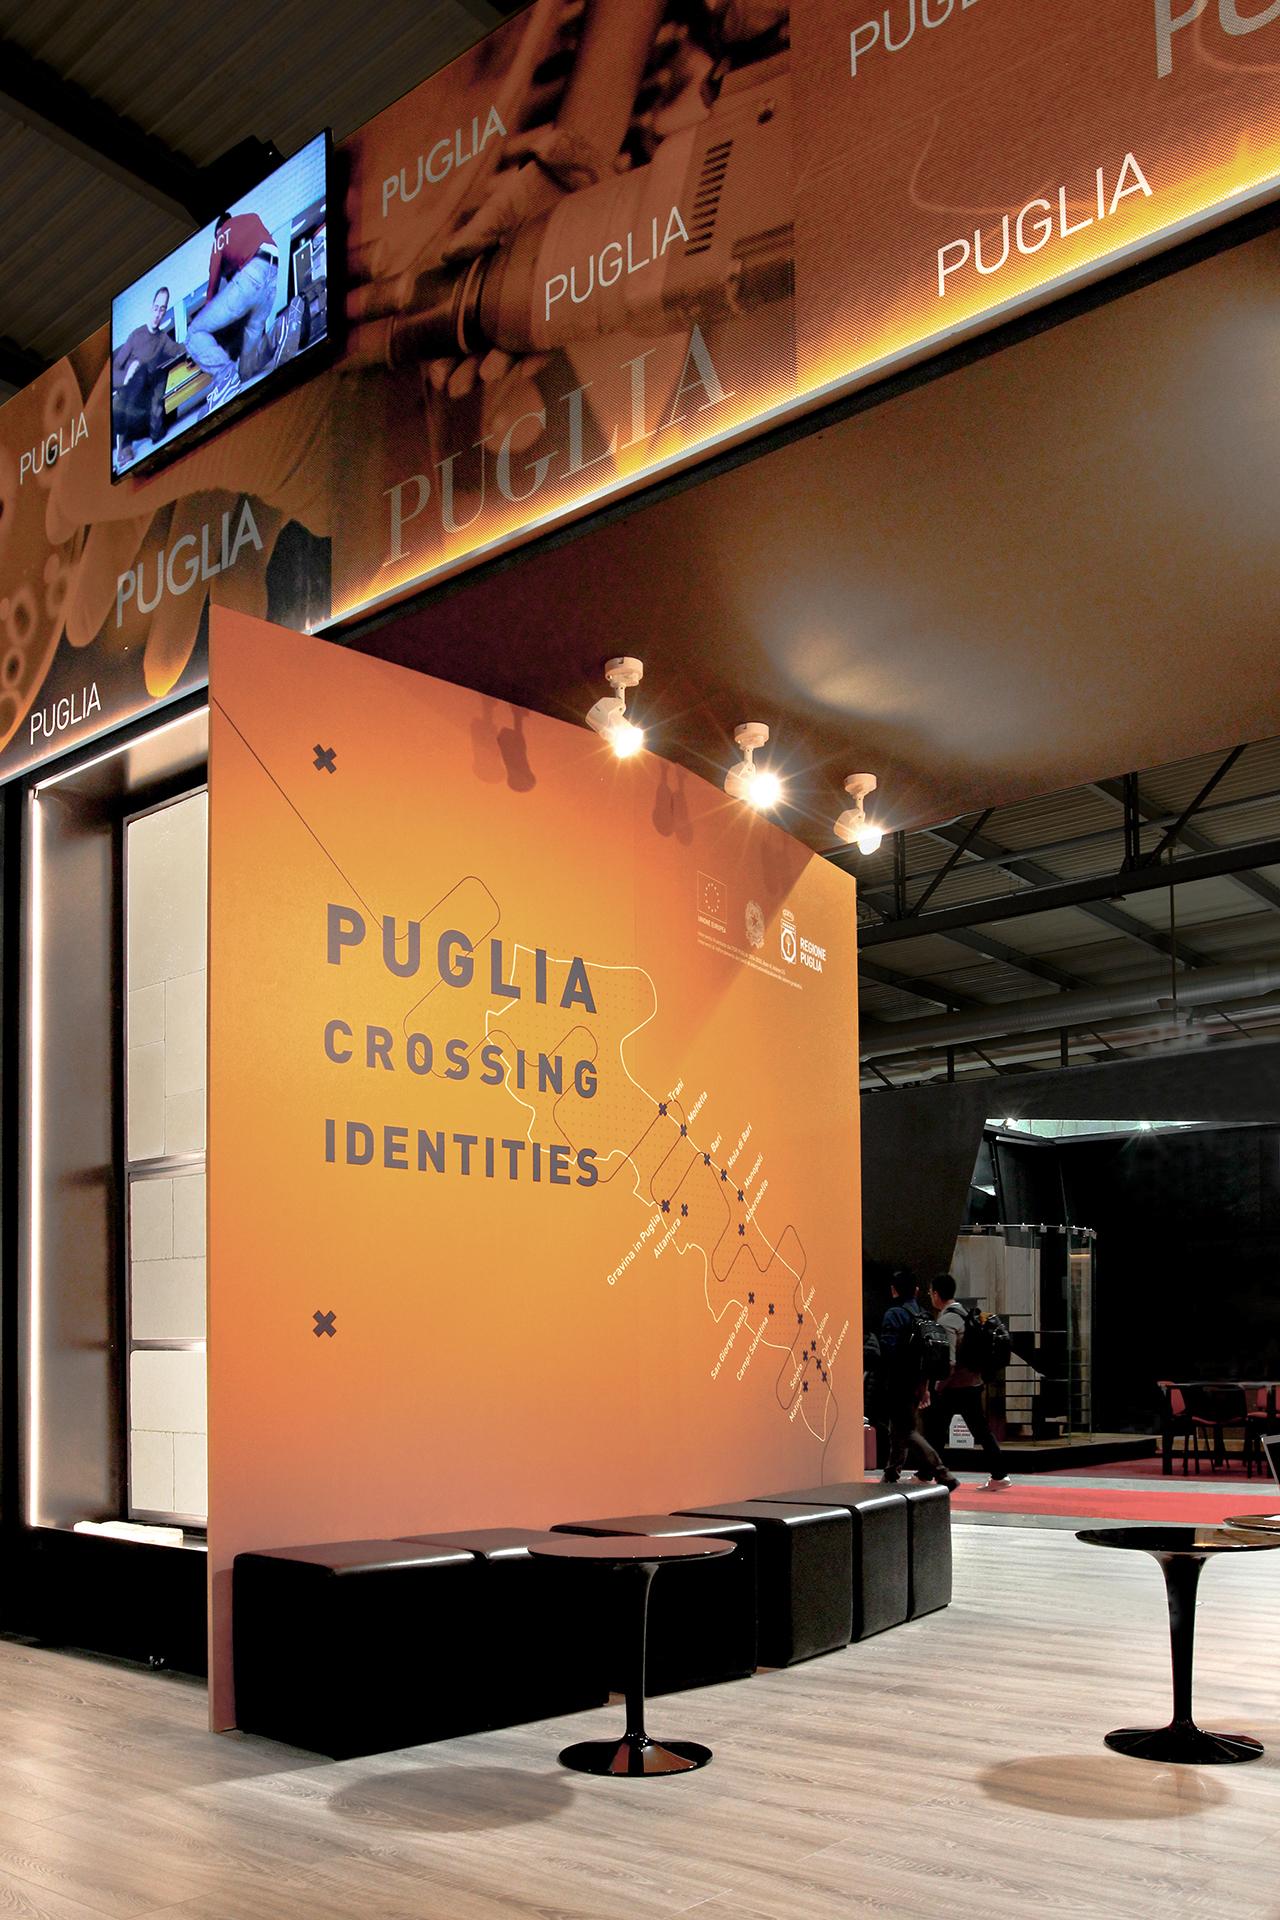 04_puglia_crossing_identities